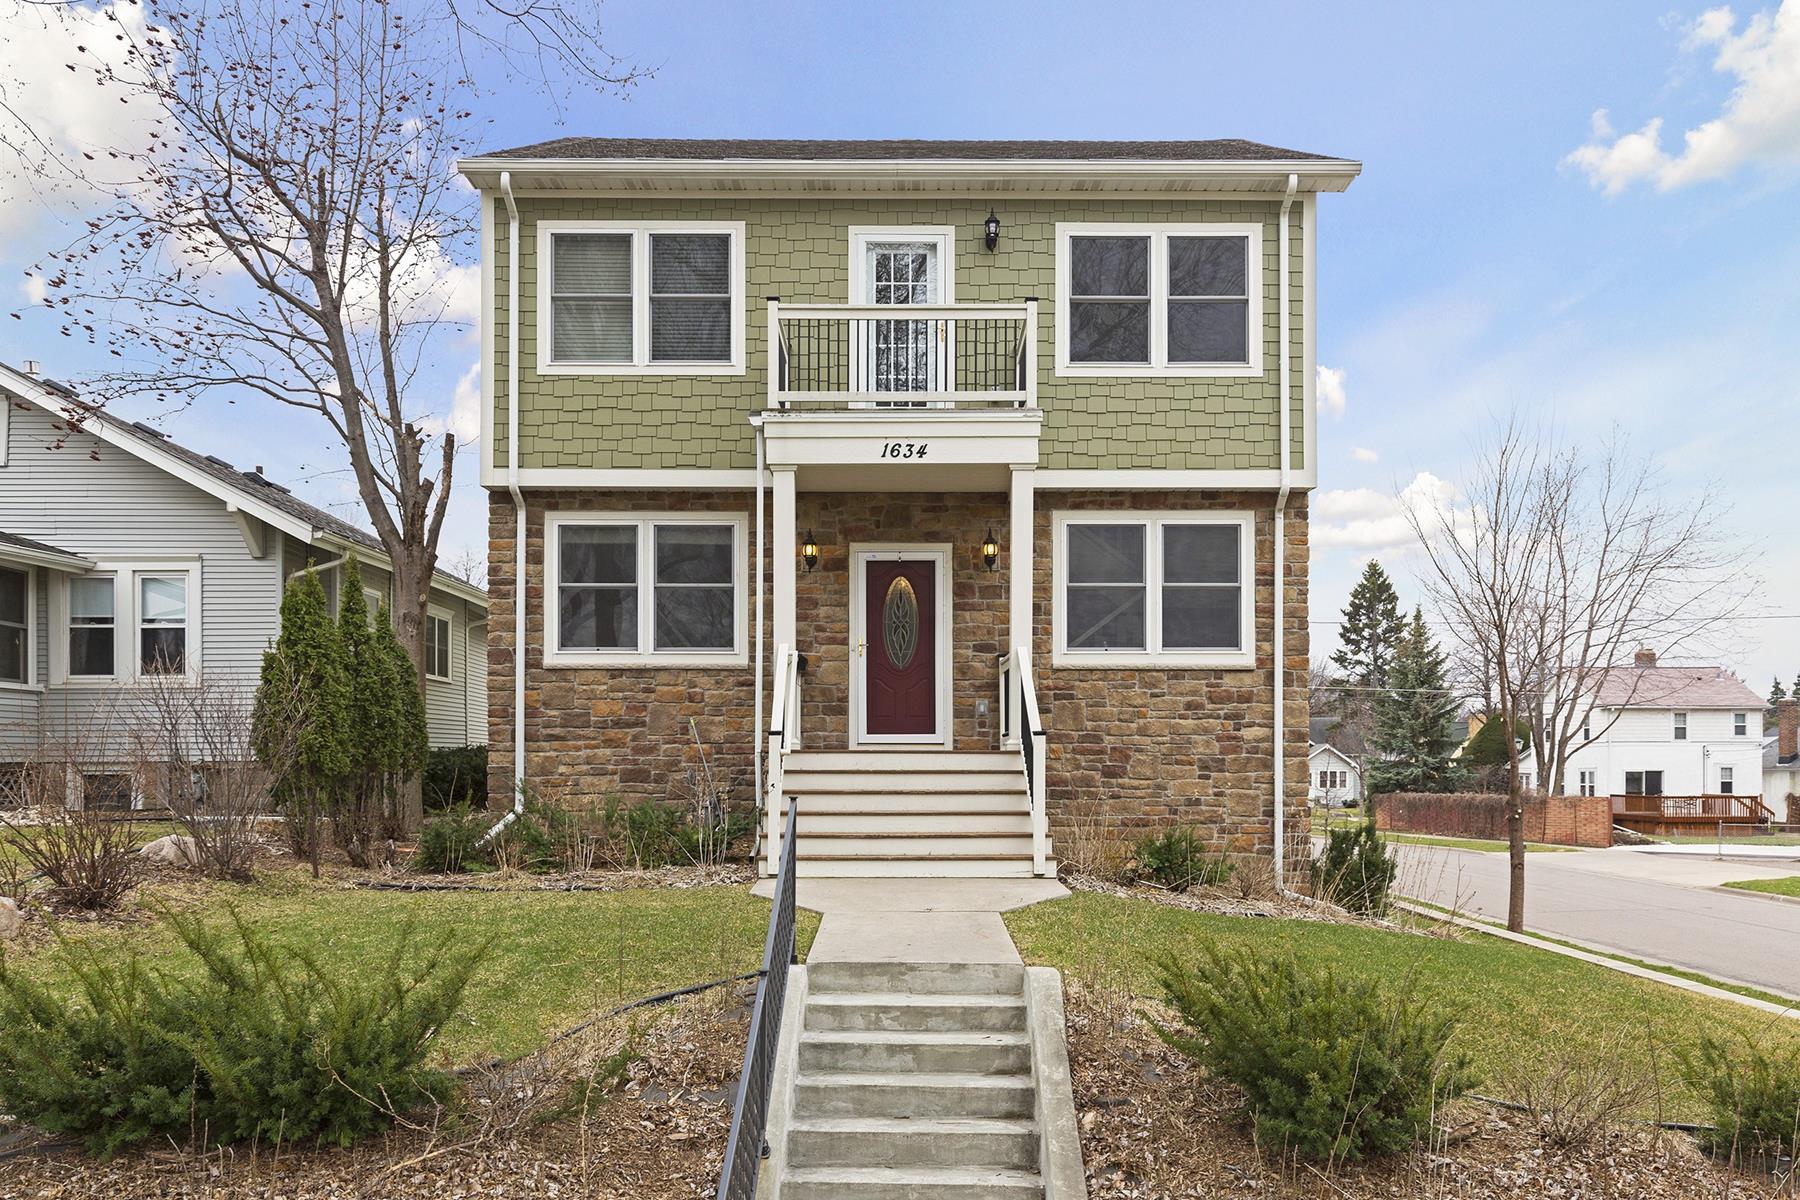 独户住宅 为 销售 在 1634 Hartford Ave 圣保罗, 明尼苏达州, 55119 美国